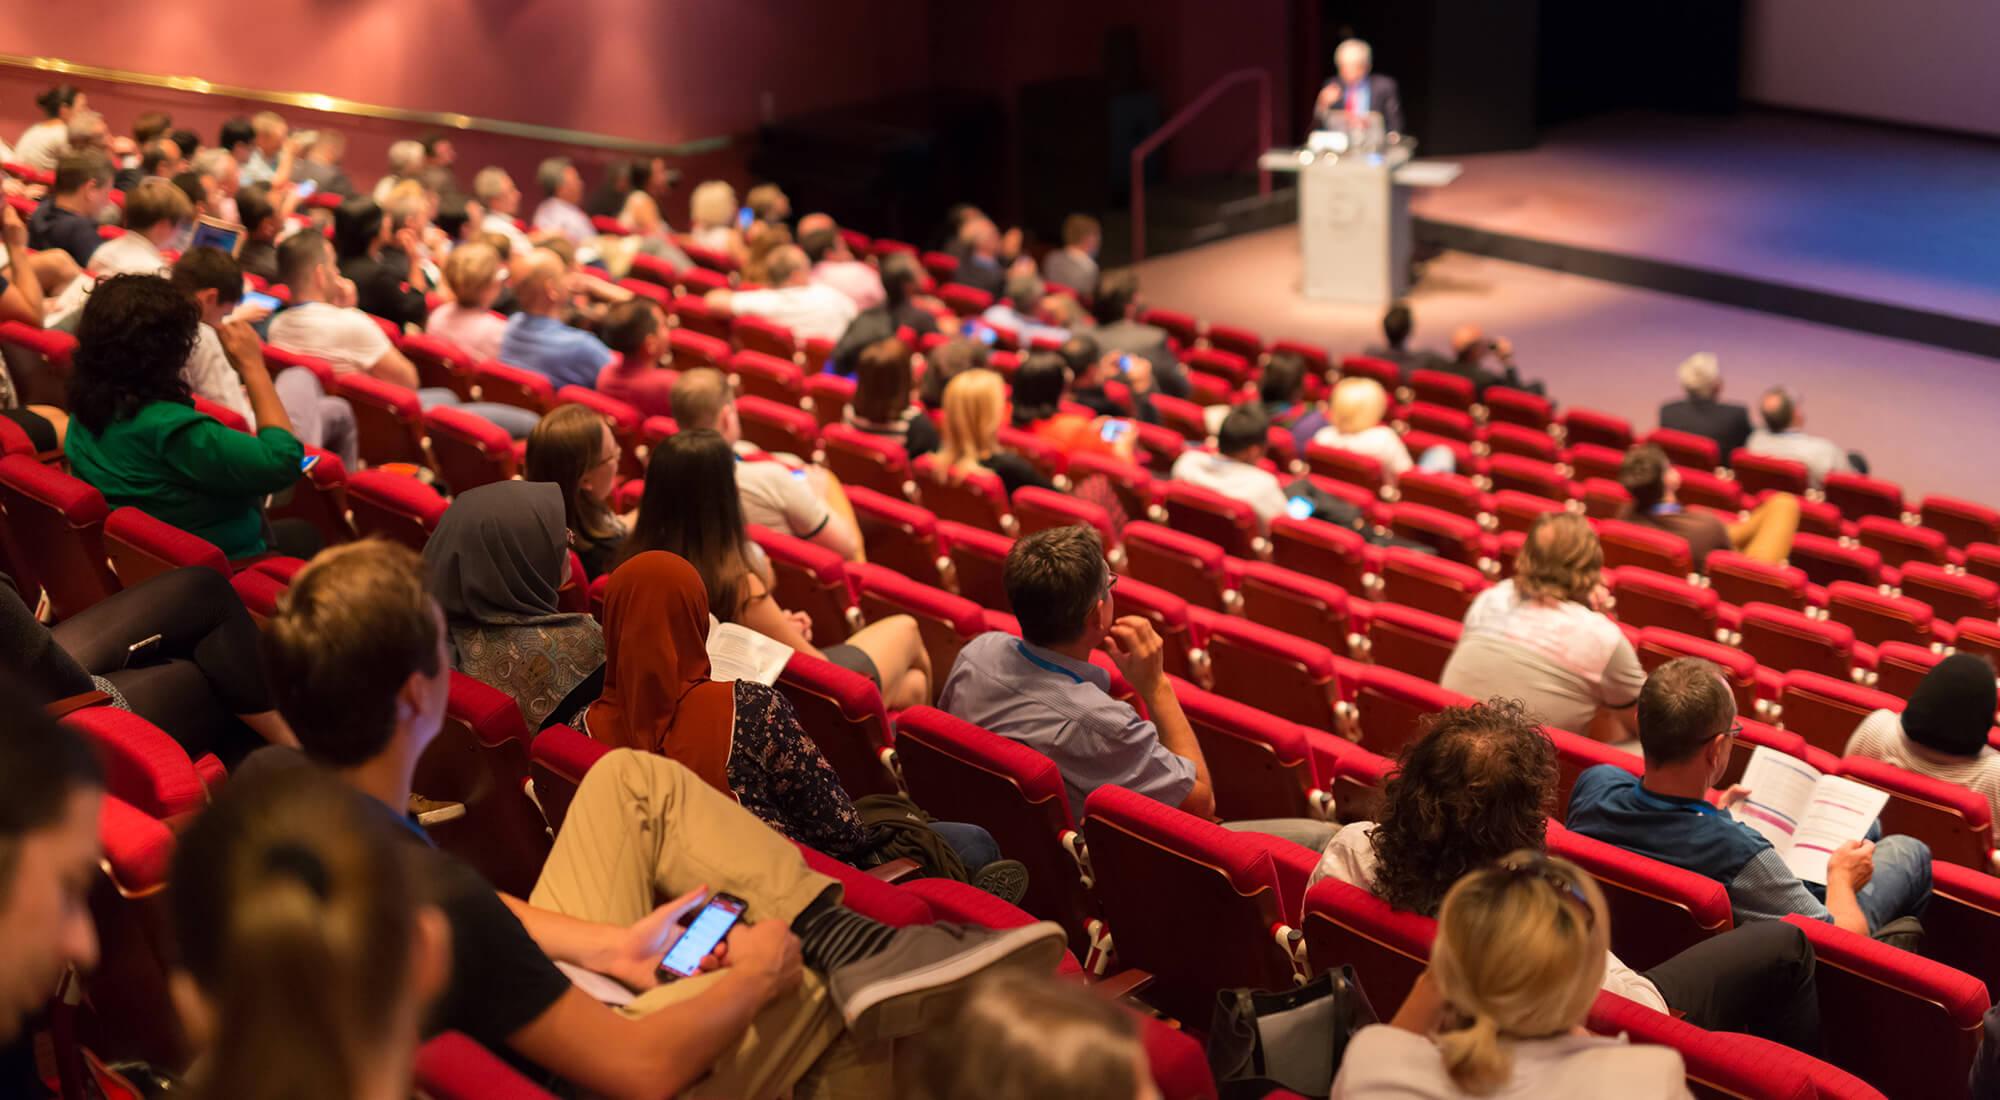 εκπαιδευτικές-δραστηριότητες-ελληνικά-ευρωπαϊκά-μαθητικά-συνέδρια